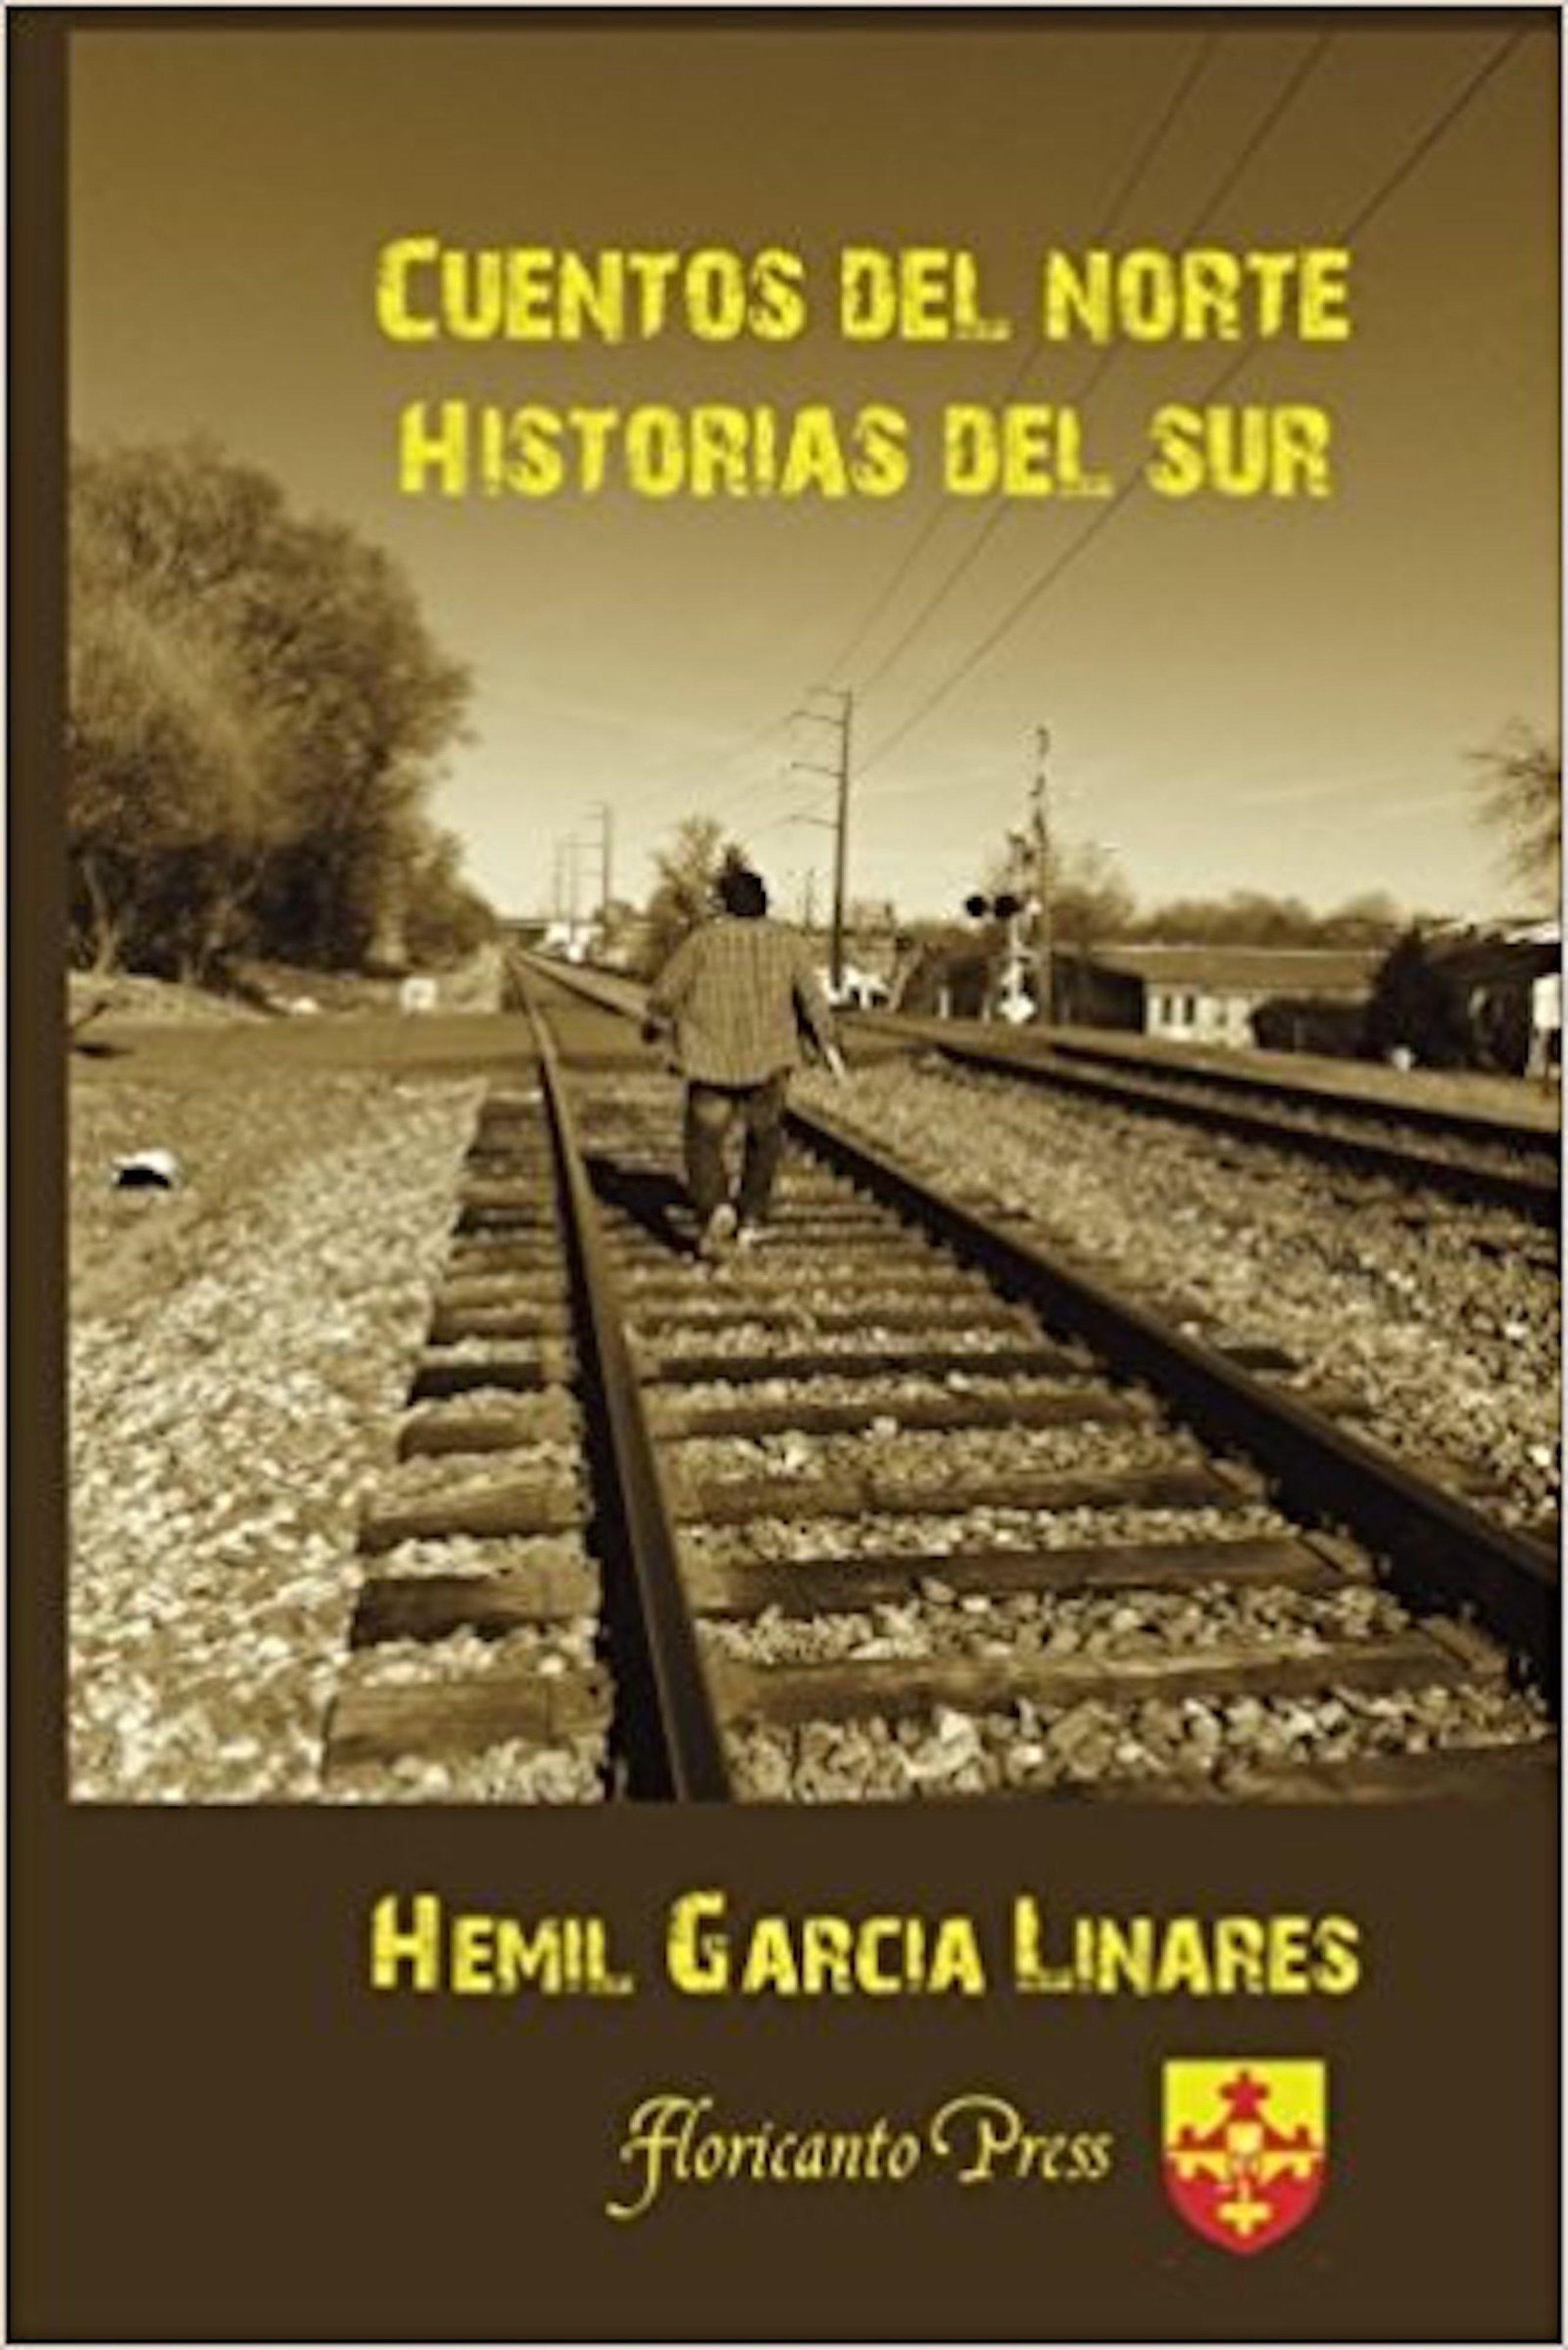 Cuentos Del Norte. Historias Del Sur.